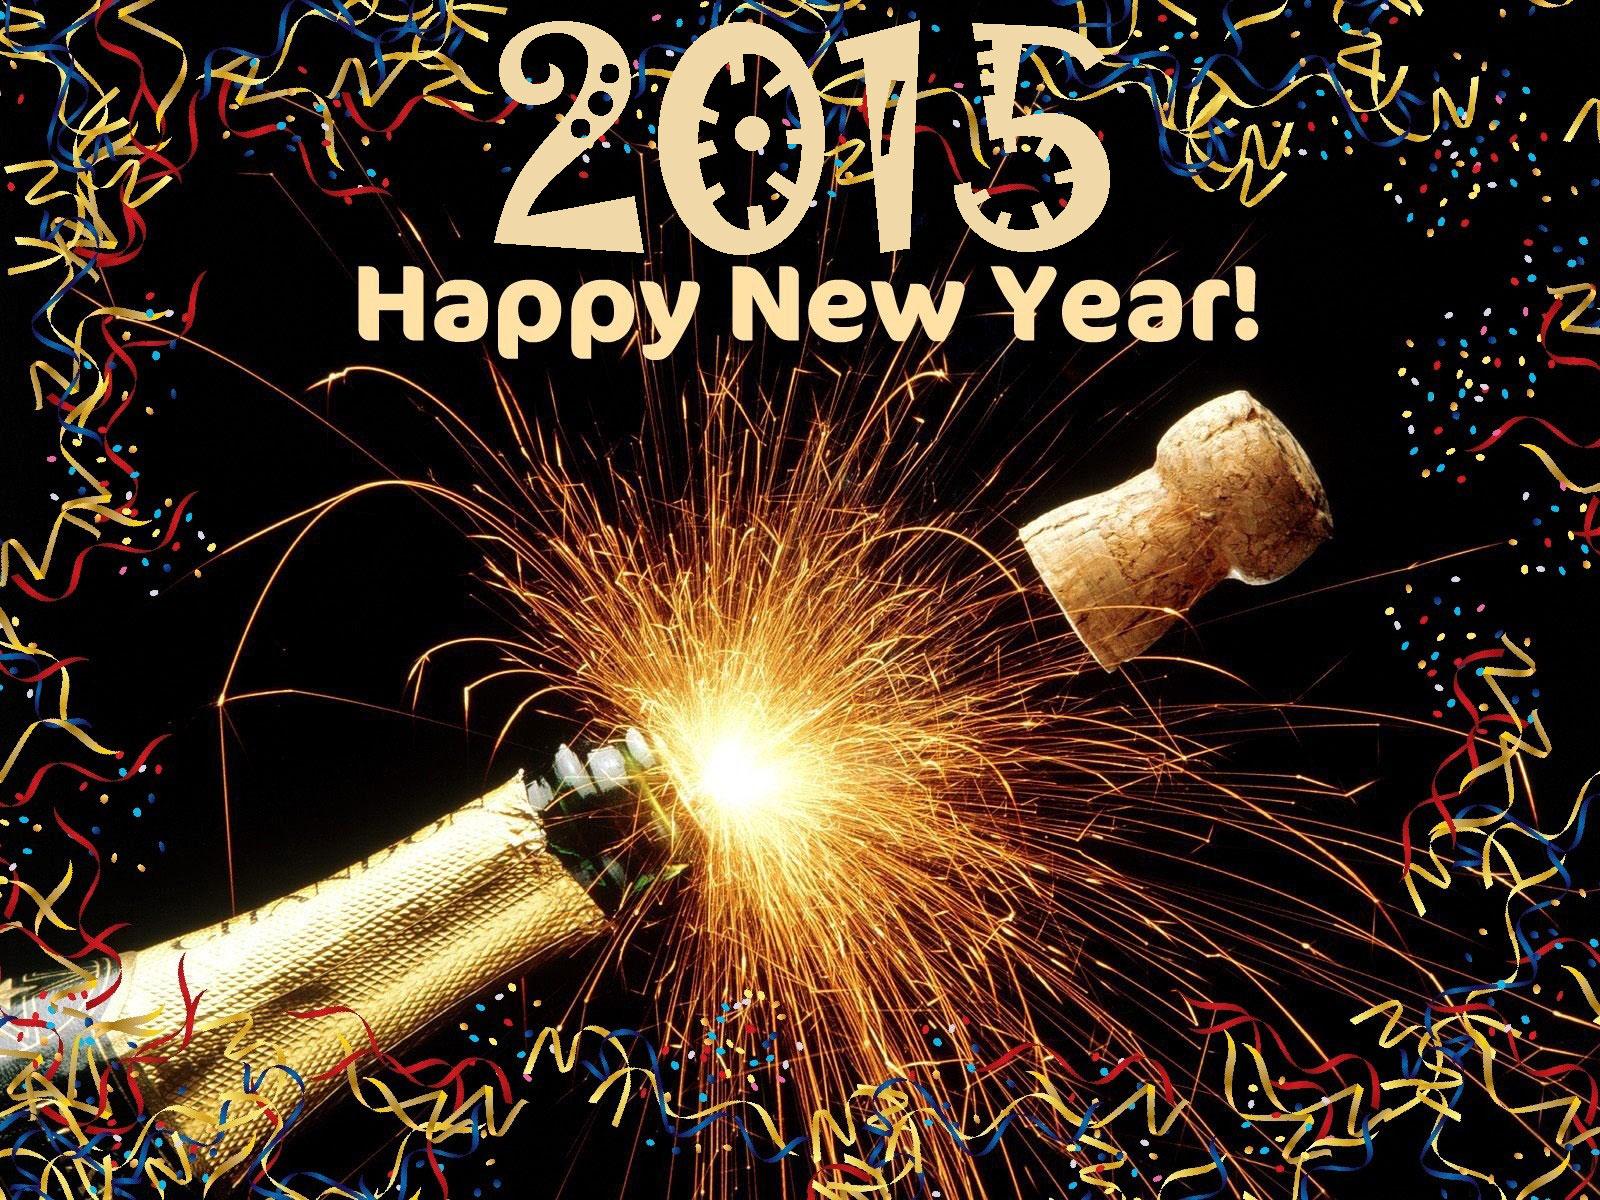 happy new year 2015 desktop wallpaper1 1600x1200